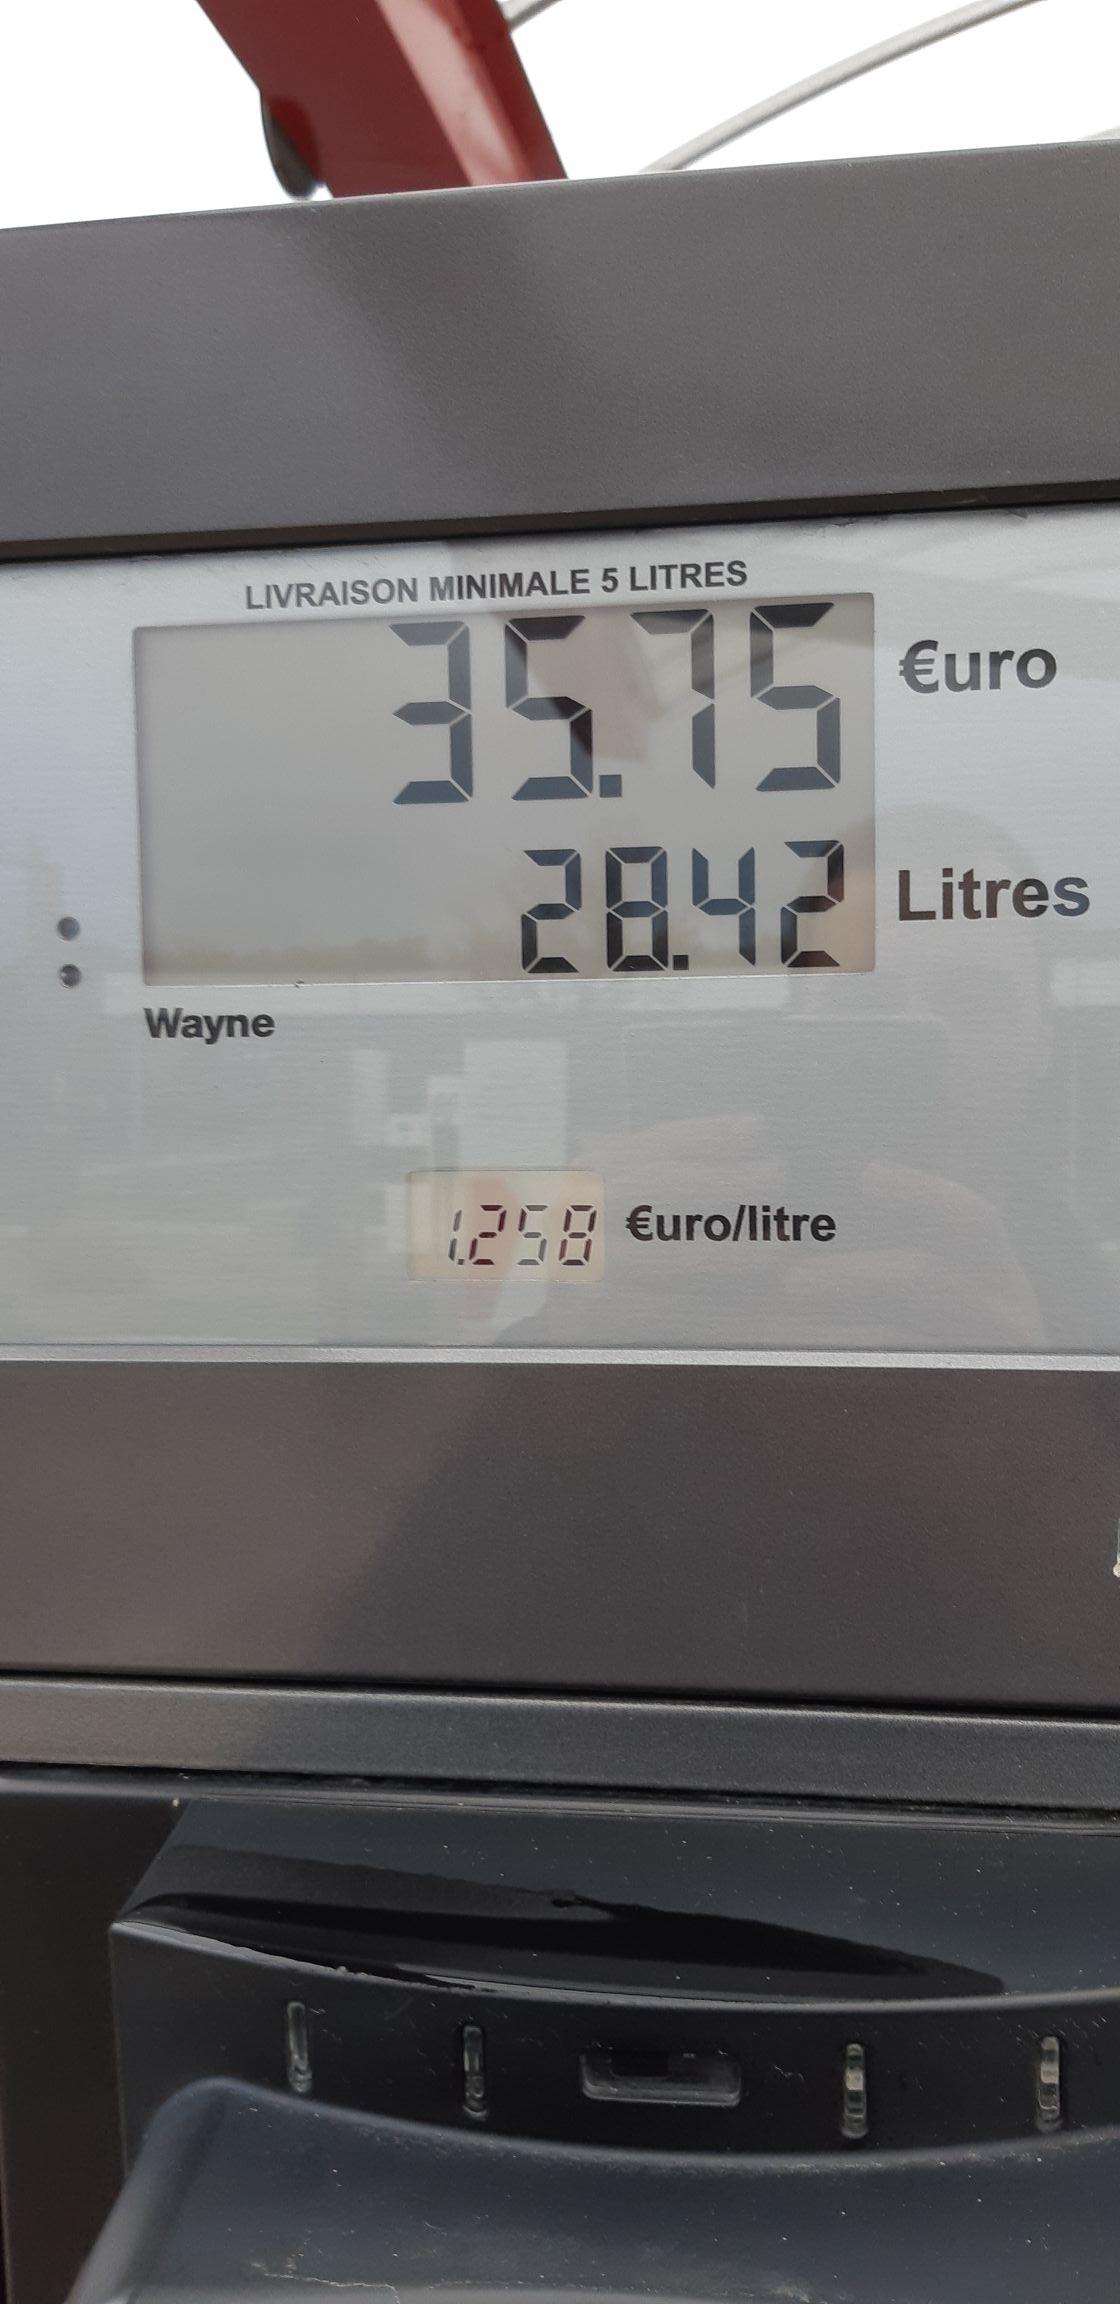 Carburants à prix coûtant - Ex : SP95-E10 à 1.258 €/L - Pont-Audemer (27)